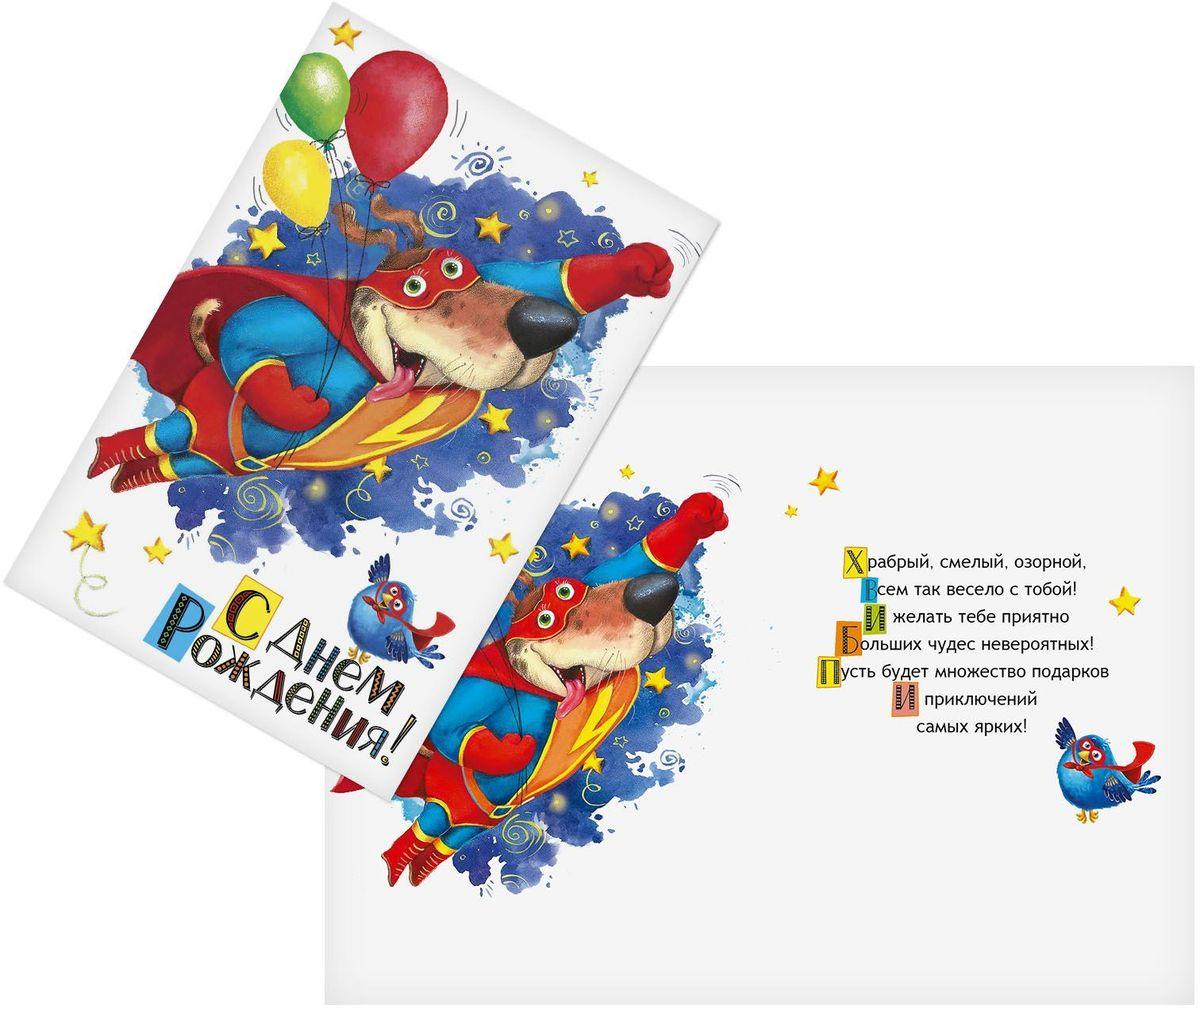 Открытка Дарите cчастье Пёс - супергерой, 12 х 18 см25051 7_желтыйАтмосферу праздника создают детали: свечи, цветы, бокалы, воздушные шары и поздравительные открытки — яркие и весёлые, романтичные и нежные, милые и трогательные. Расскажите о своих чувствах дорогому для вас человеку, поделитесь радостью с близкими и друзьями. Открытка с креативным дизайном вам в этом поможет.